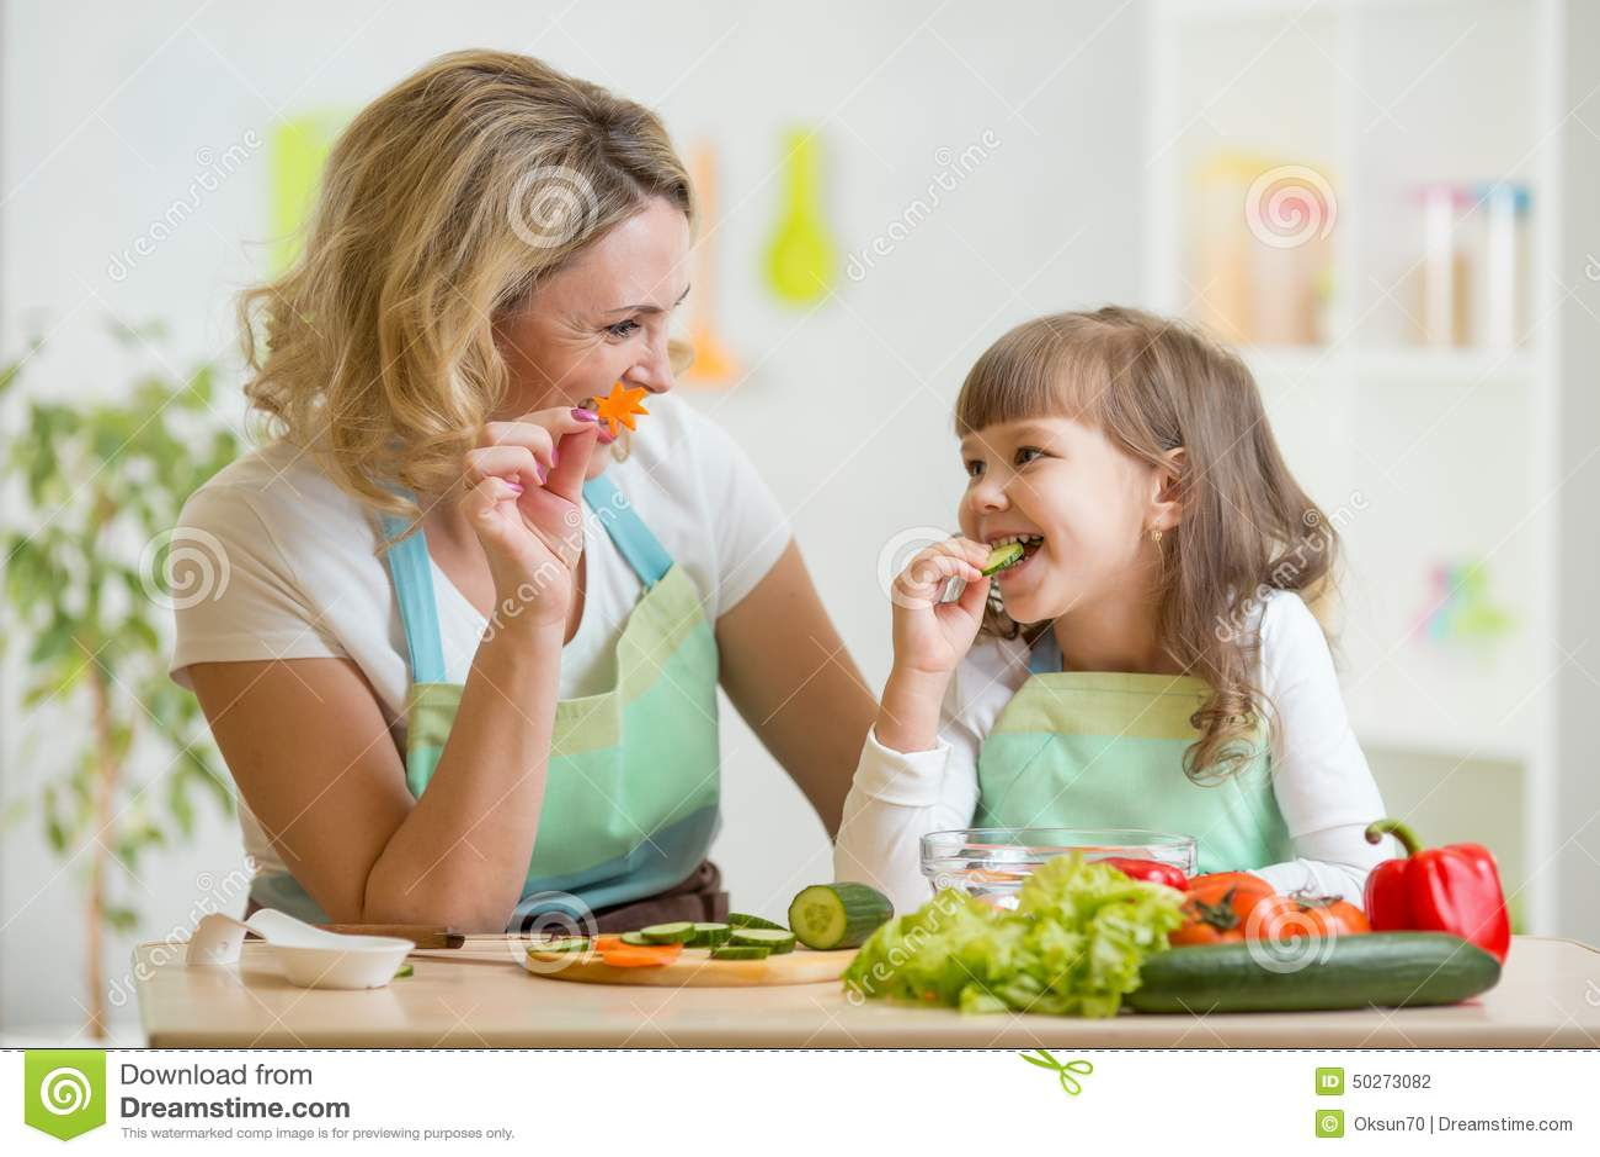 哄骗吃健康食物菜的女孩和母亲